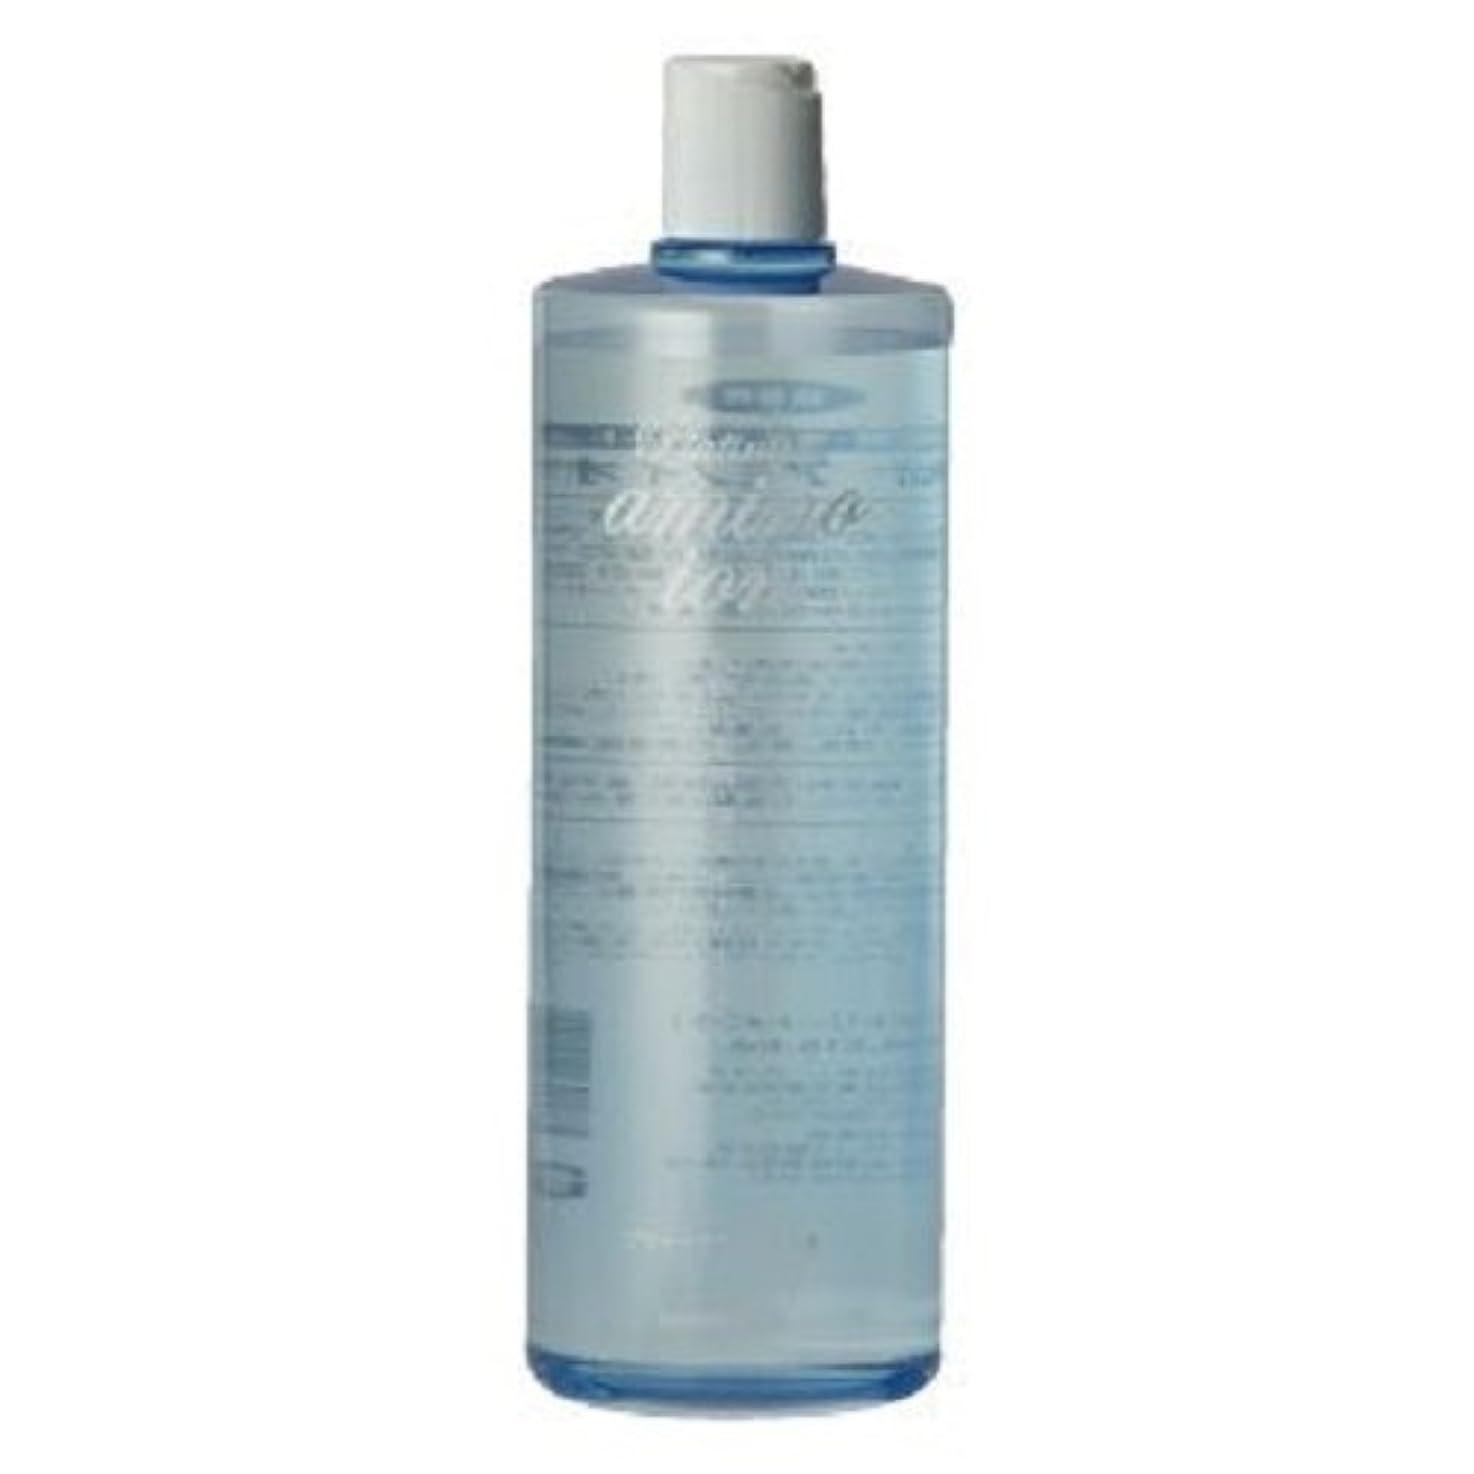 論争的著名なマザーランドサニープレイス プラチナアミノイオン水 1L×6本セット